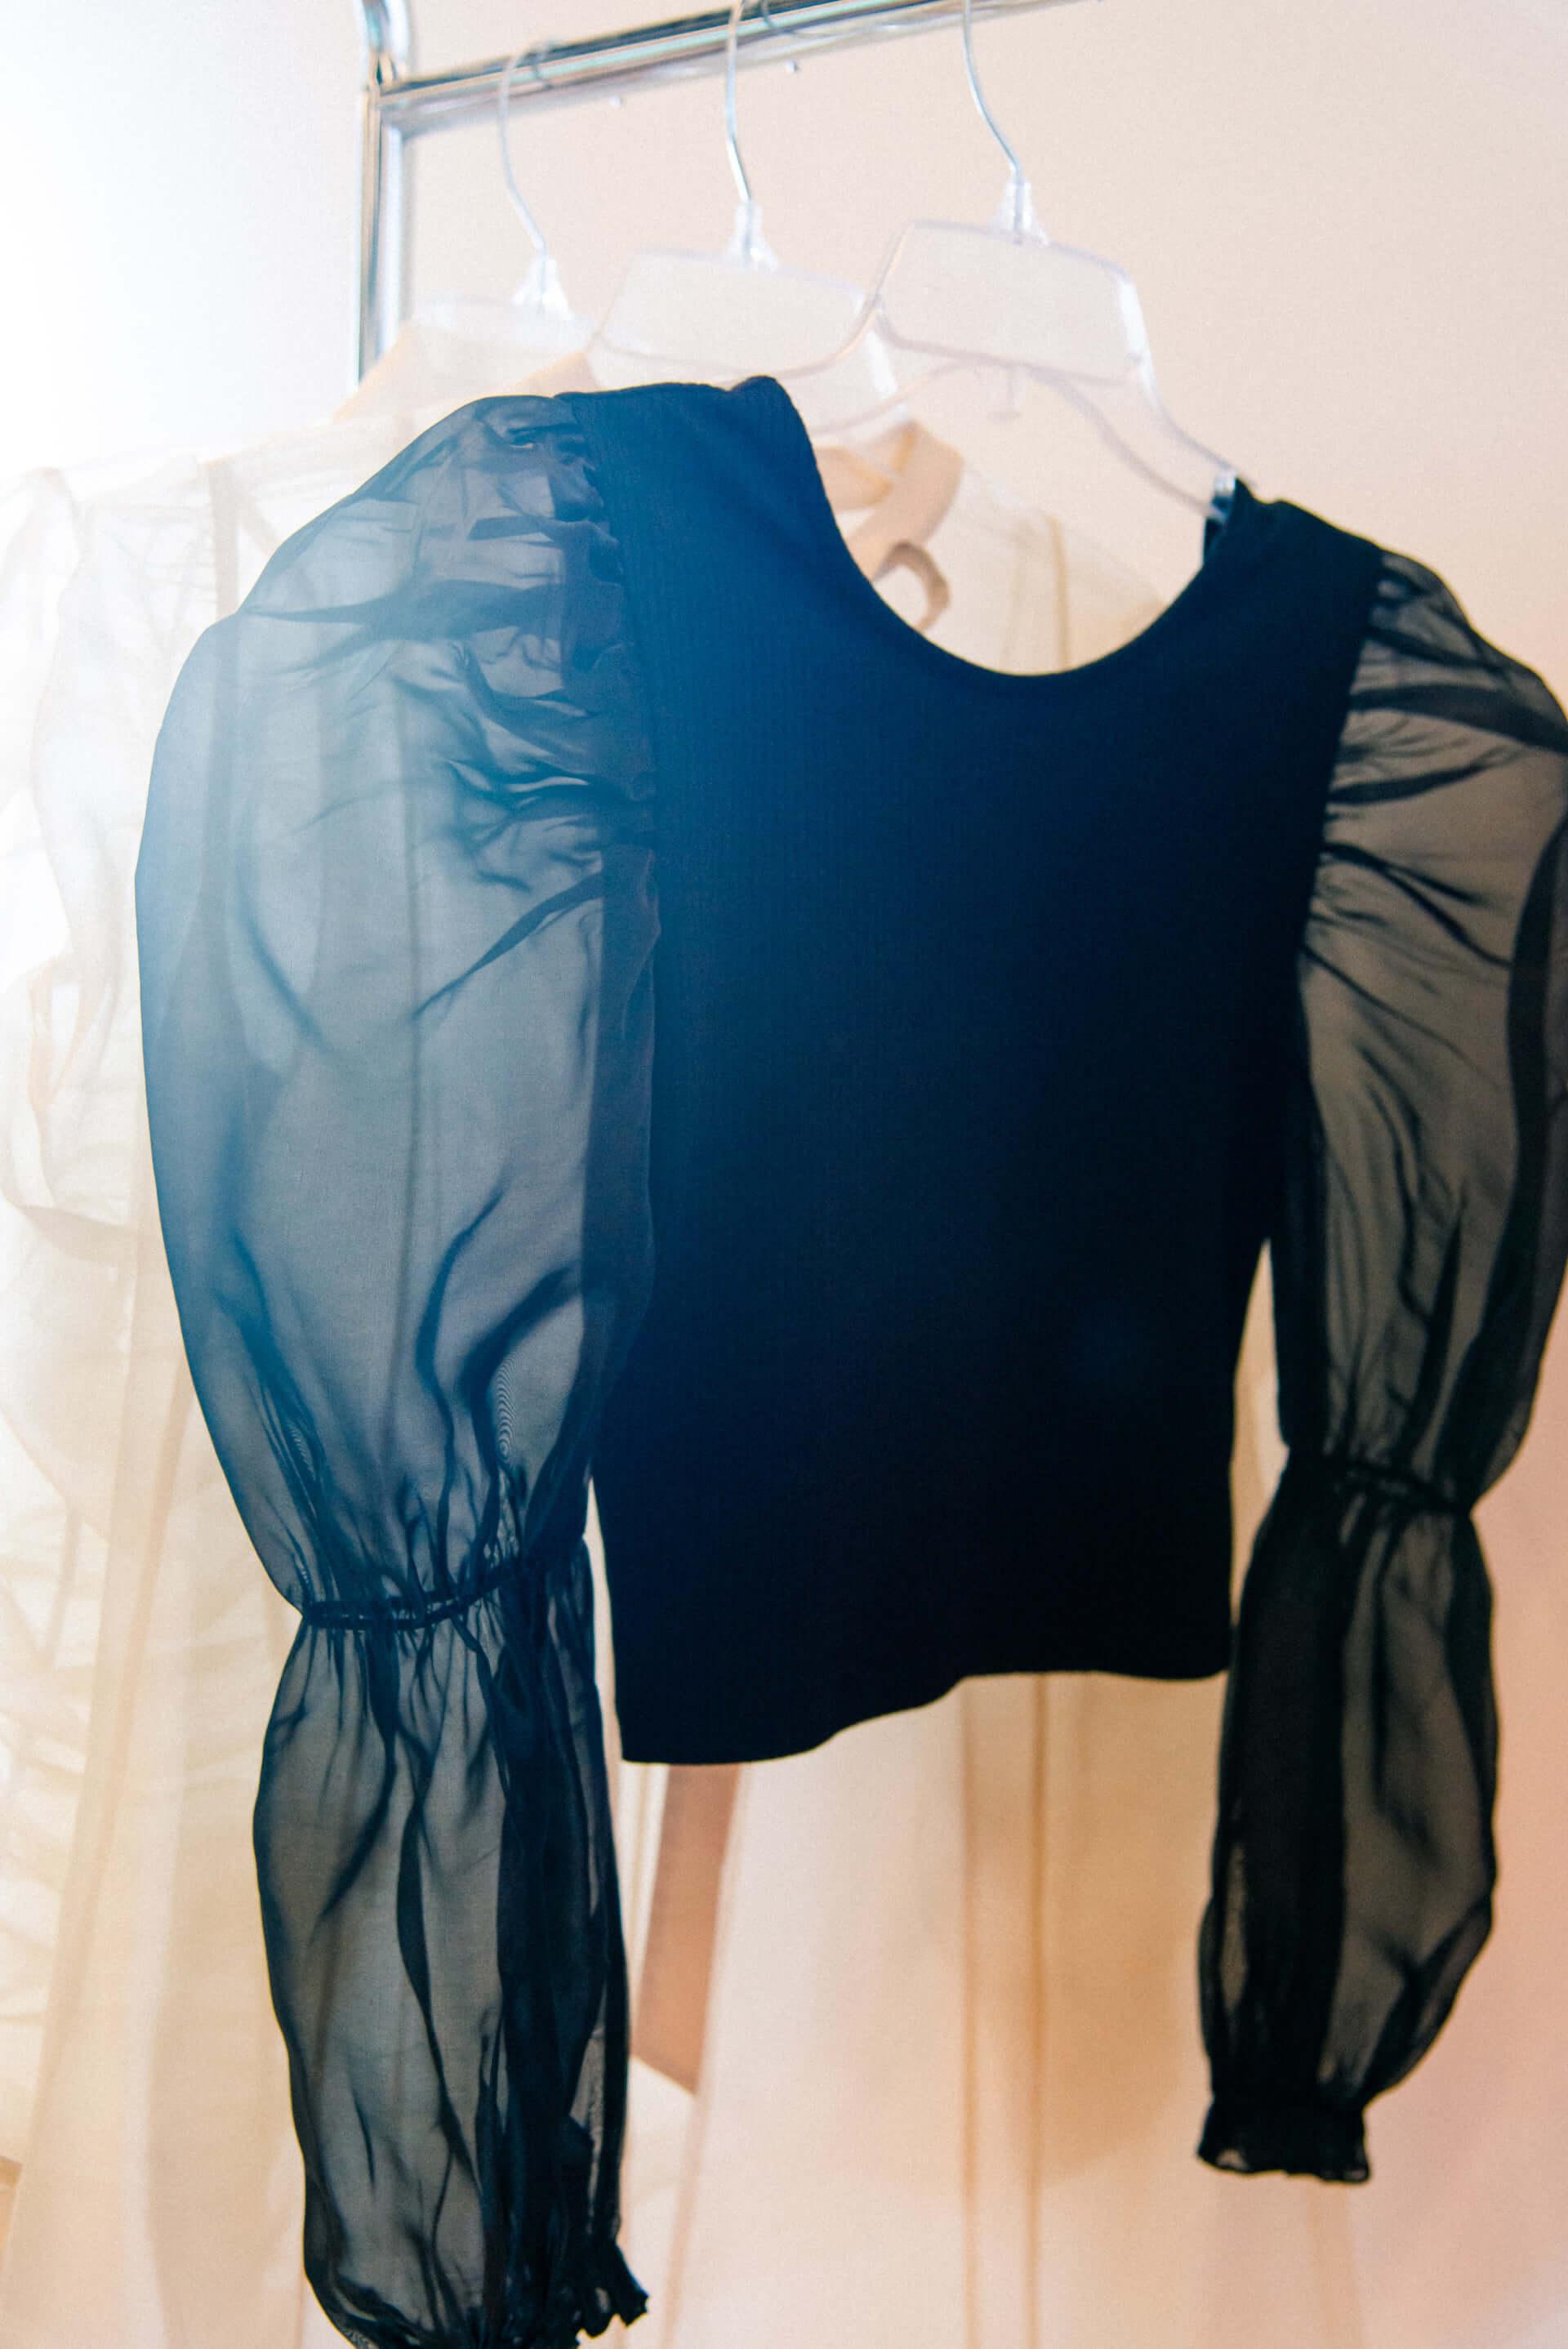 Amazon Fashionの新プログラム「The Drop」から鈴木えみが手がけるコレクションがローンチ!デザイナーとしての素顔に迫る interview1008_emisuzuki_3356-fix-1920x2876